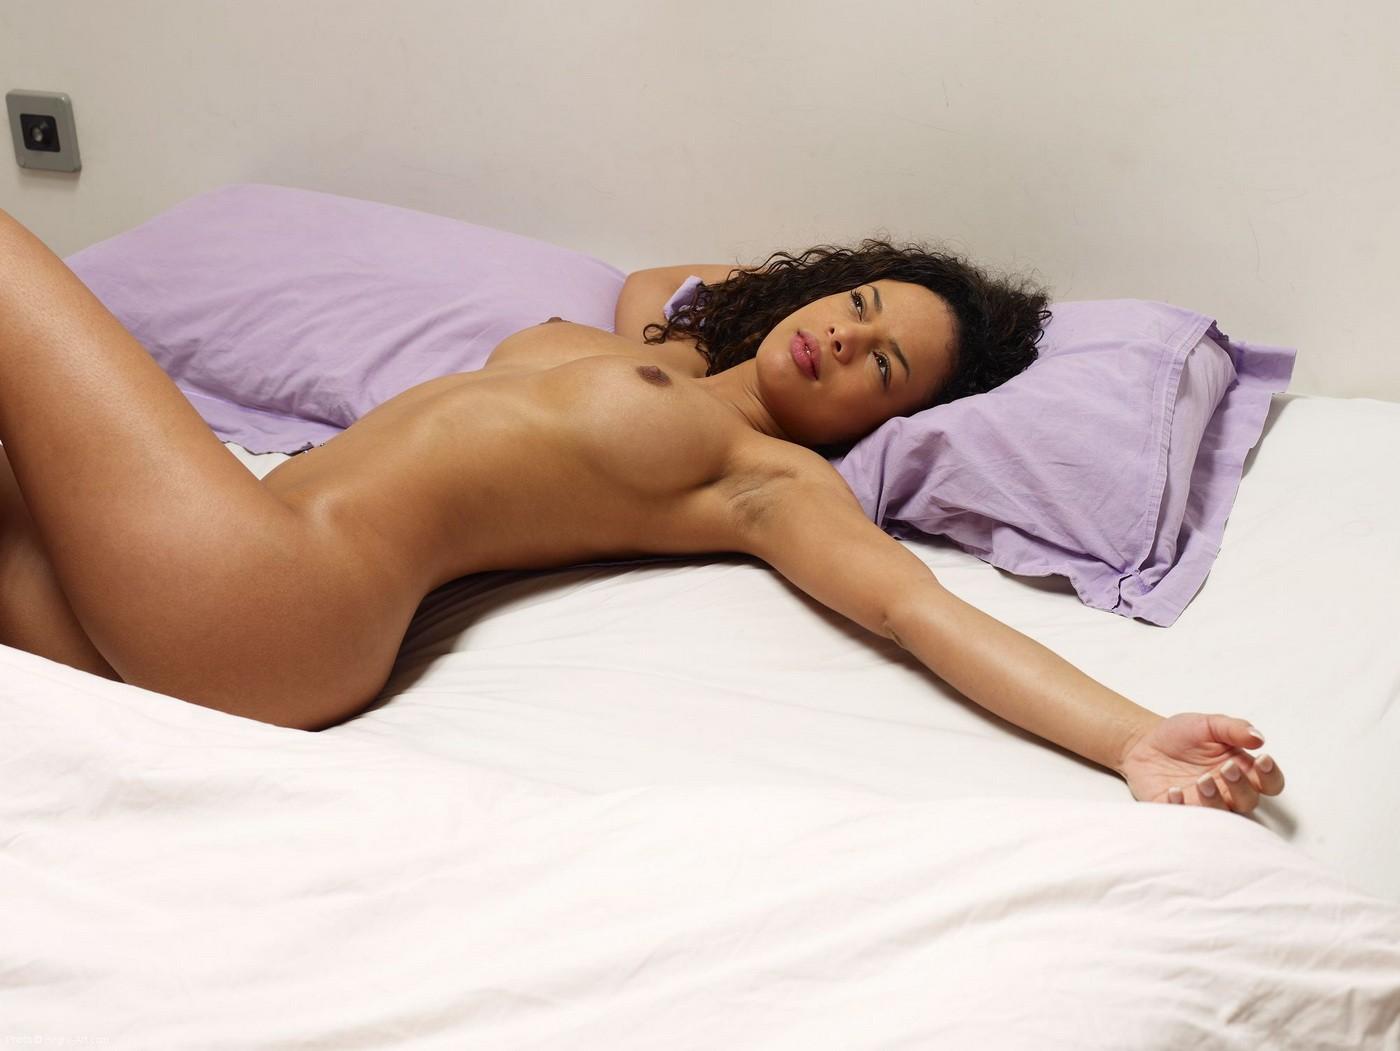 Нагая девица с сочной попой и крупной грудью в постели - фото